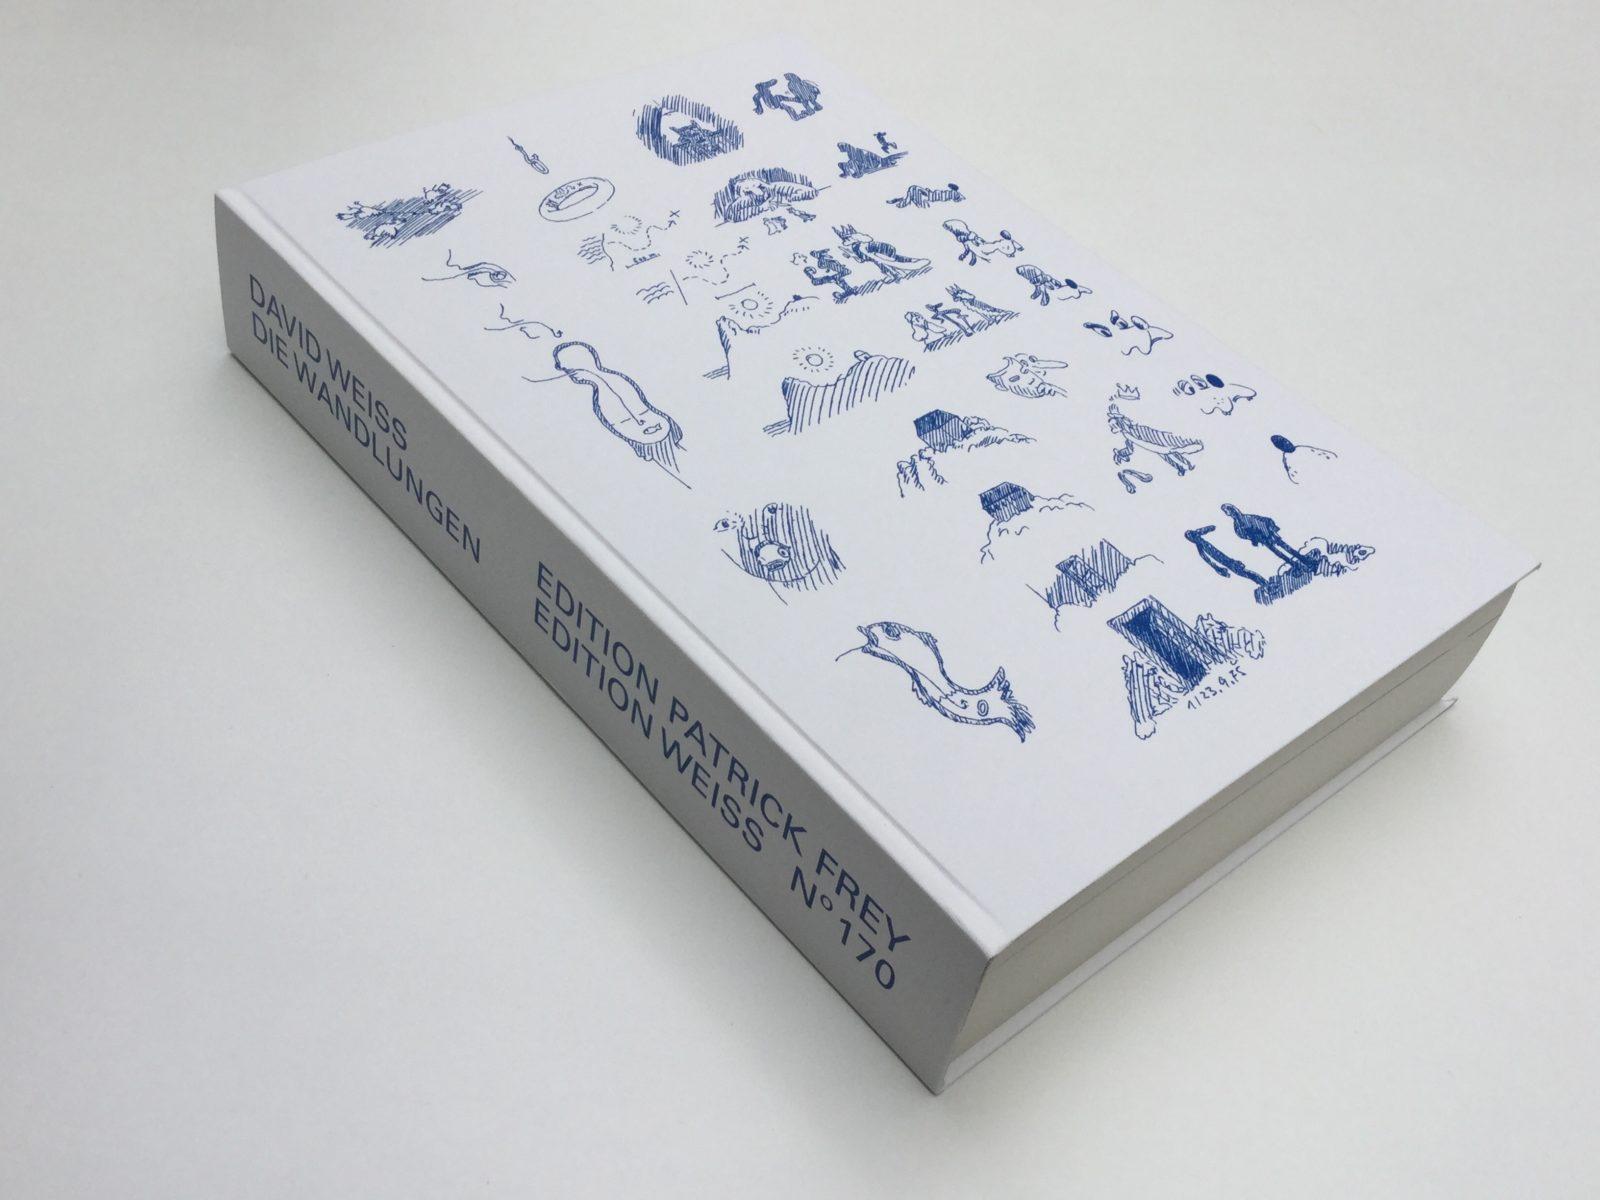 Livre Die Wandlungen (Les Métamorphoses) (c)David Weiss, ed. 2014, article sélection de livres par the line pour go out magazine avril 2018